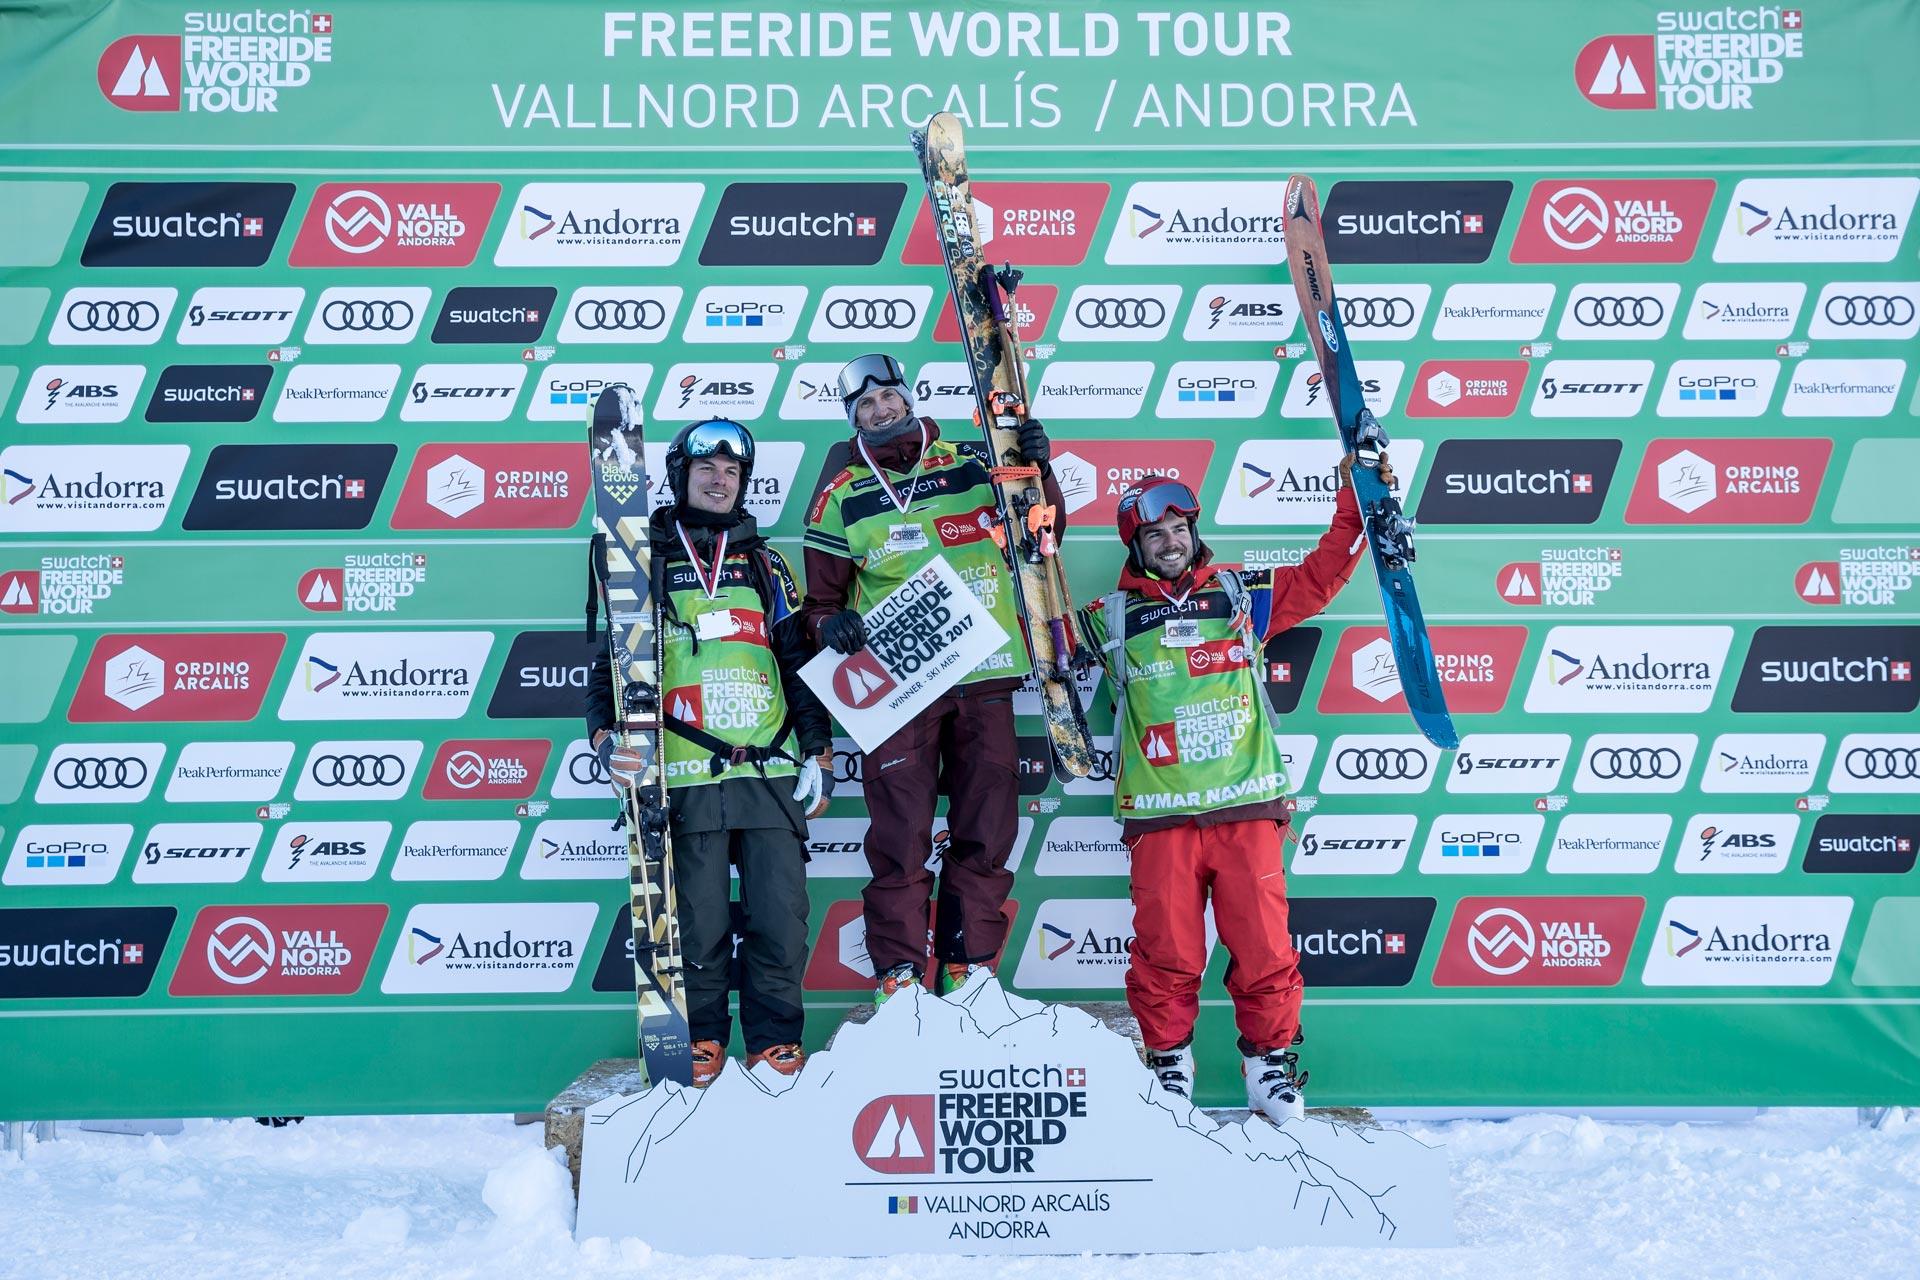 Die Top 3 Männer beim Freeride World Tour Stopp in Vallnord-Arcalis: Kristofer Turdell, Drew Tabke und Aymar Navarro Combalie